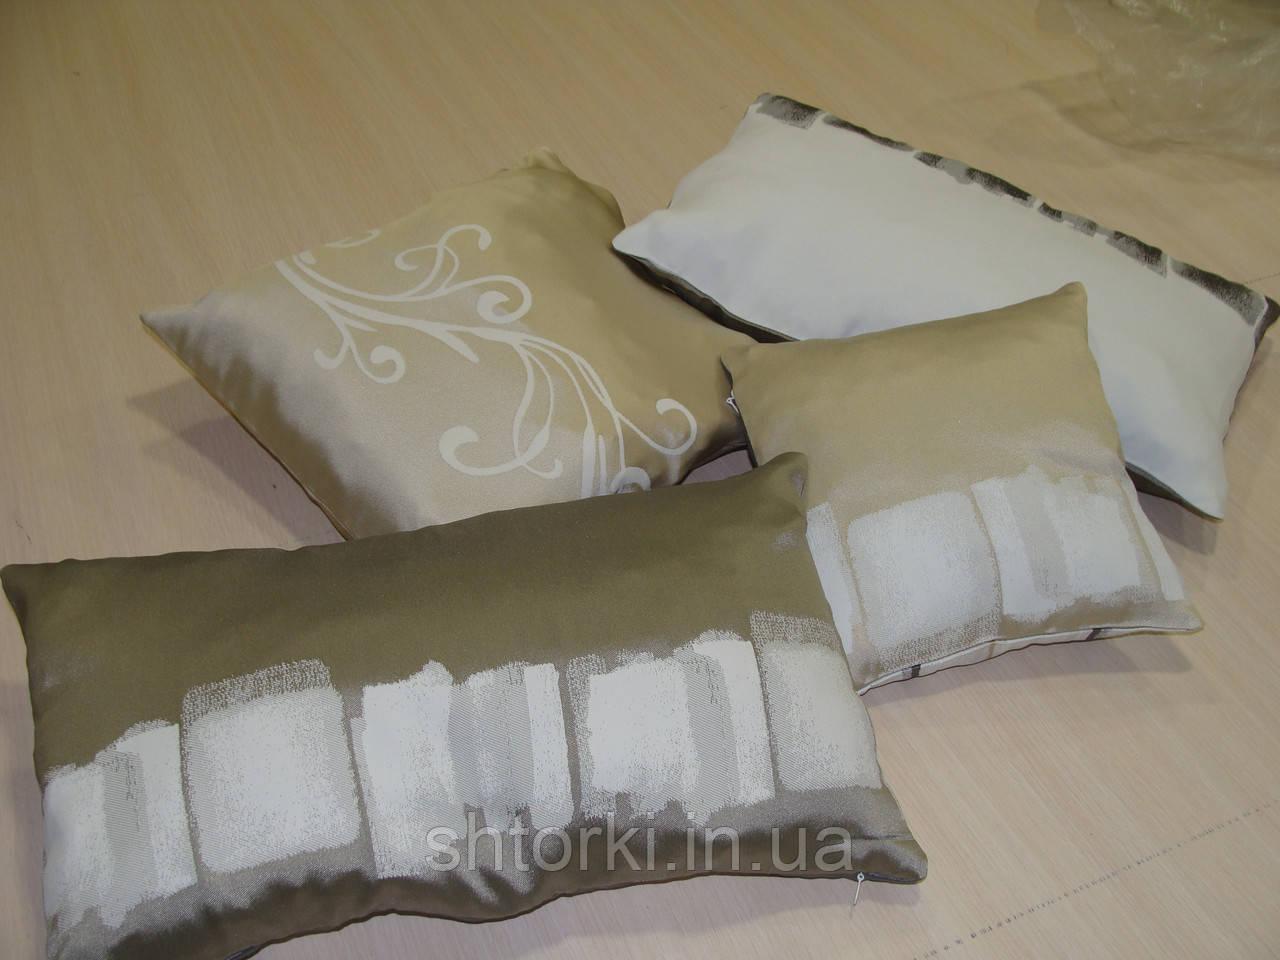 Комплект подушек бежевые с молочным, 4 шт